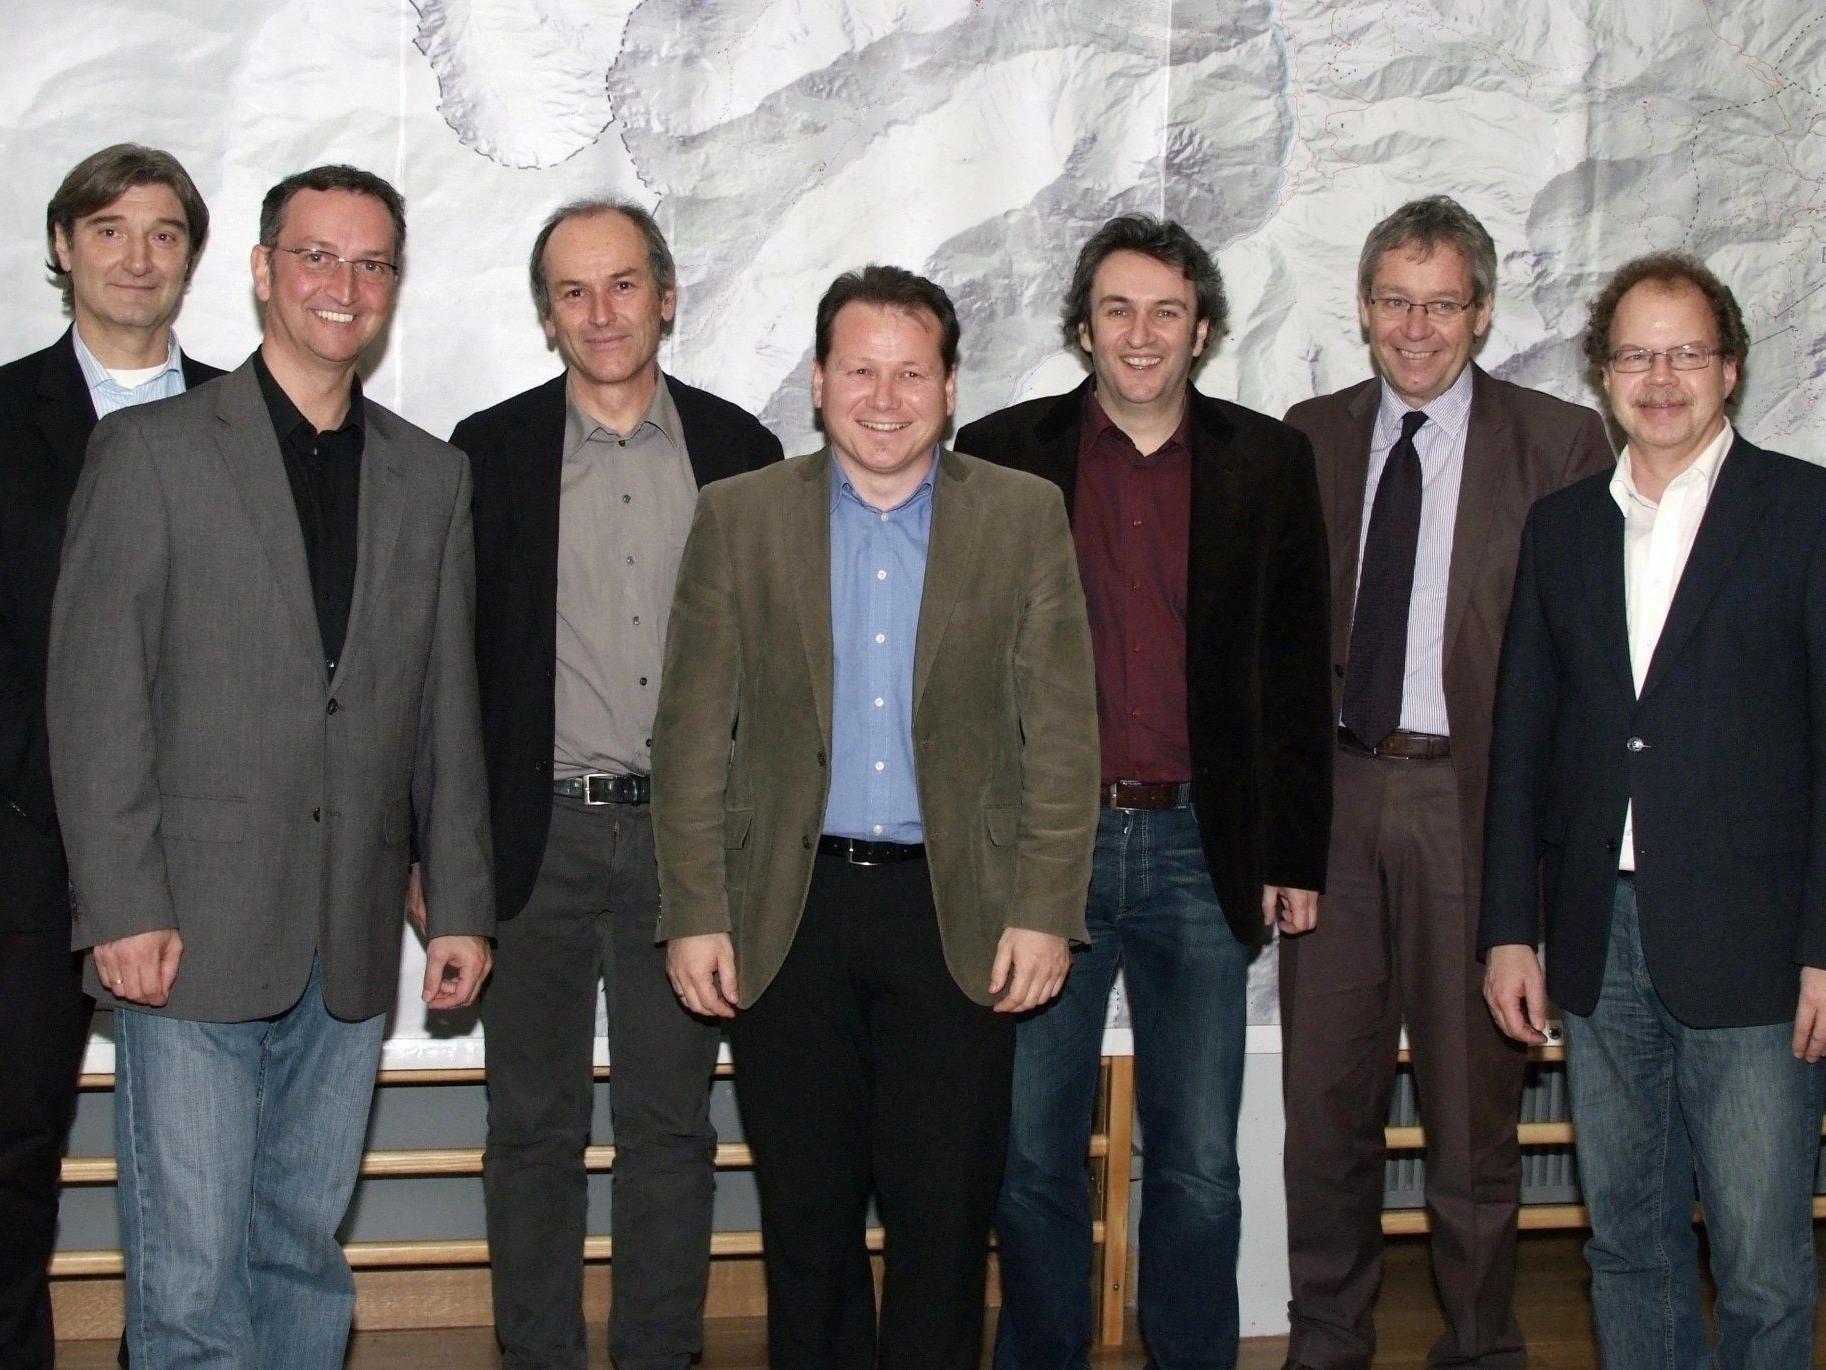 Die Blumeneggbürgermeister mit Raumplanern, StH.Karlheinz Rüdisser und Florian Kasseroler.